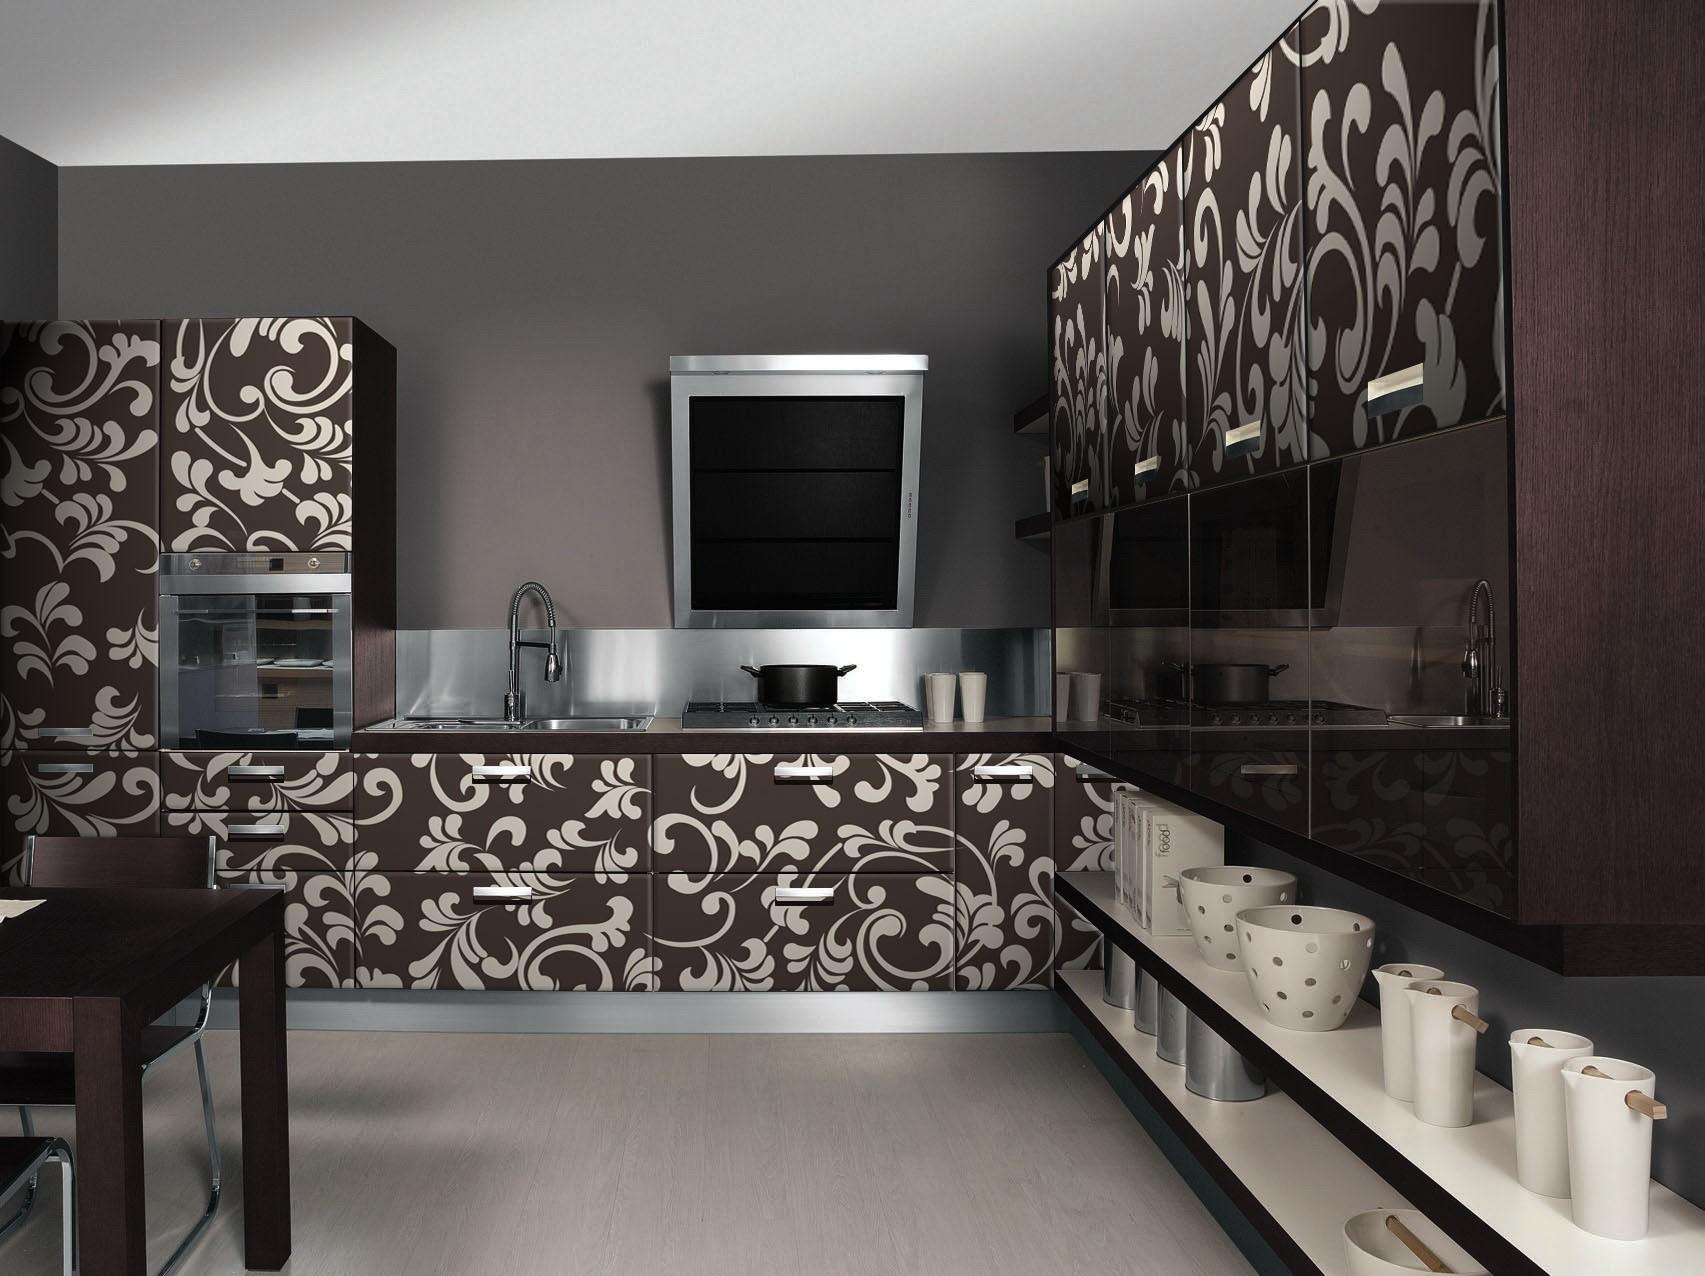 Фото 19 дизайна интерьера кухни.